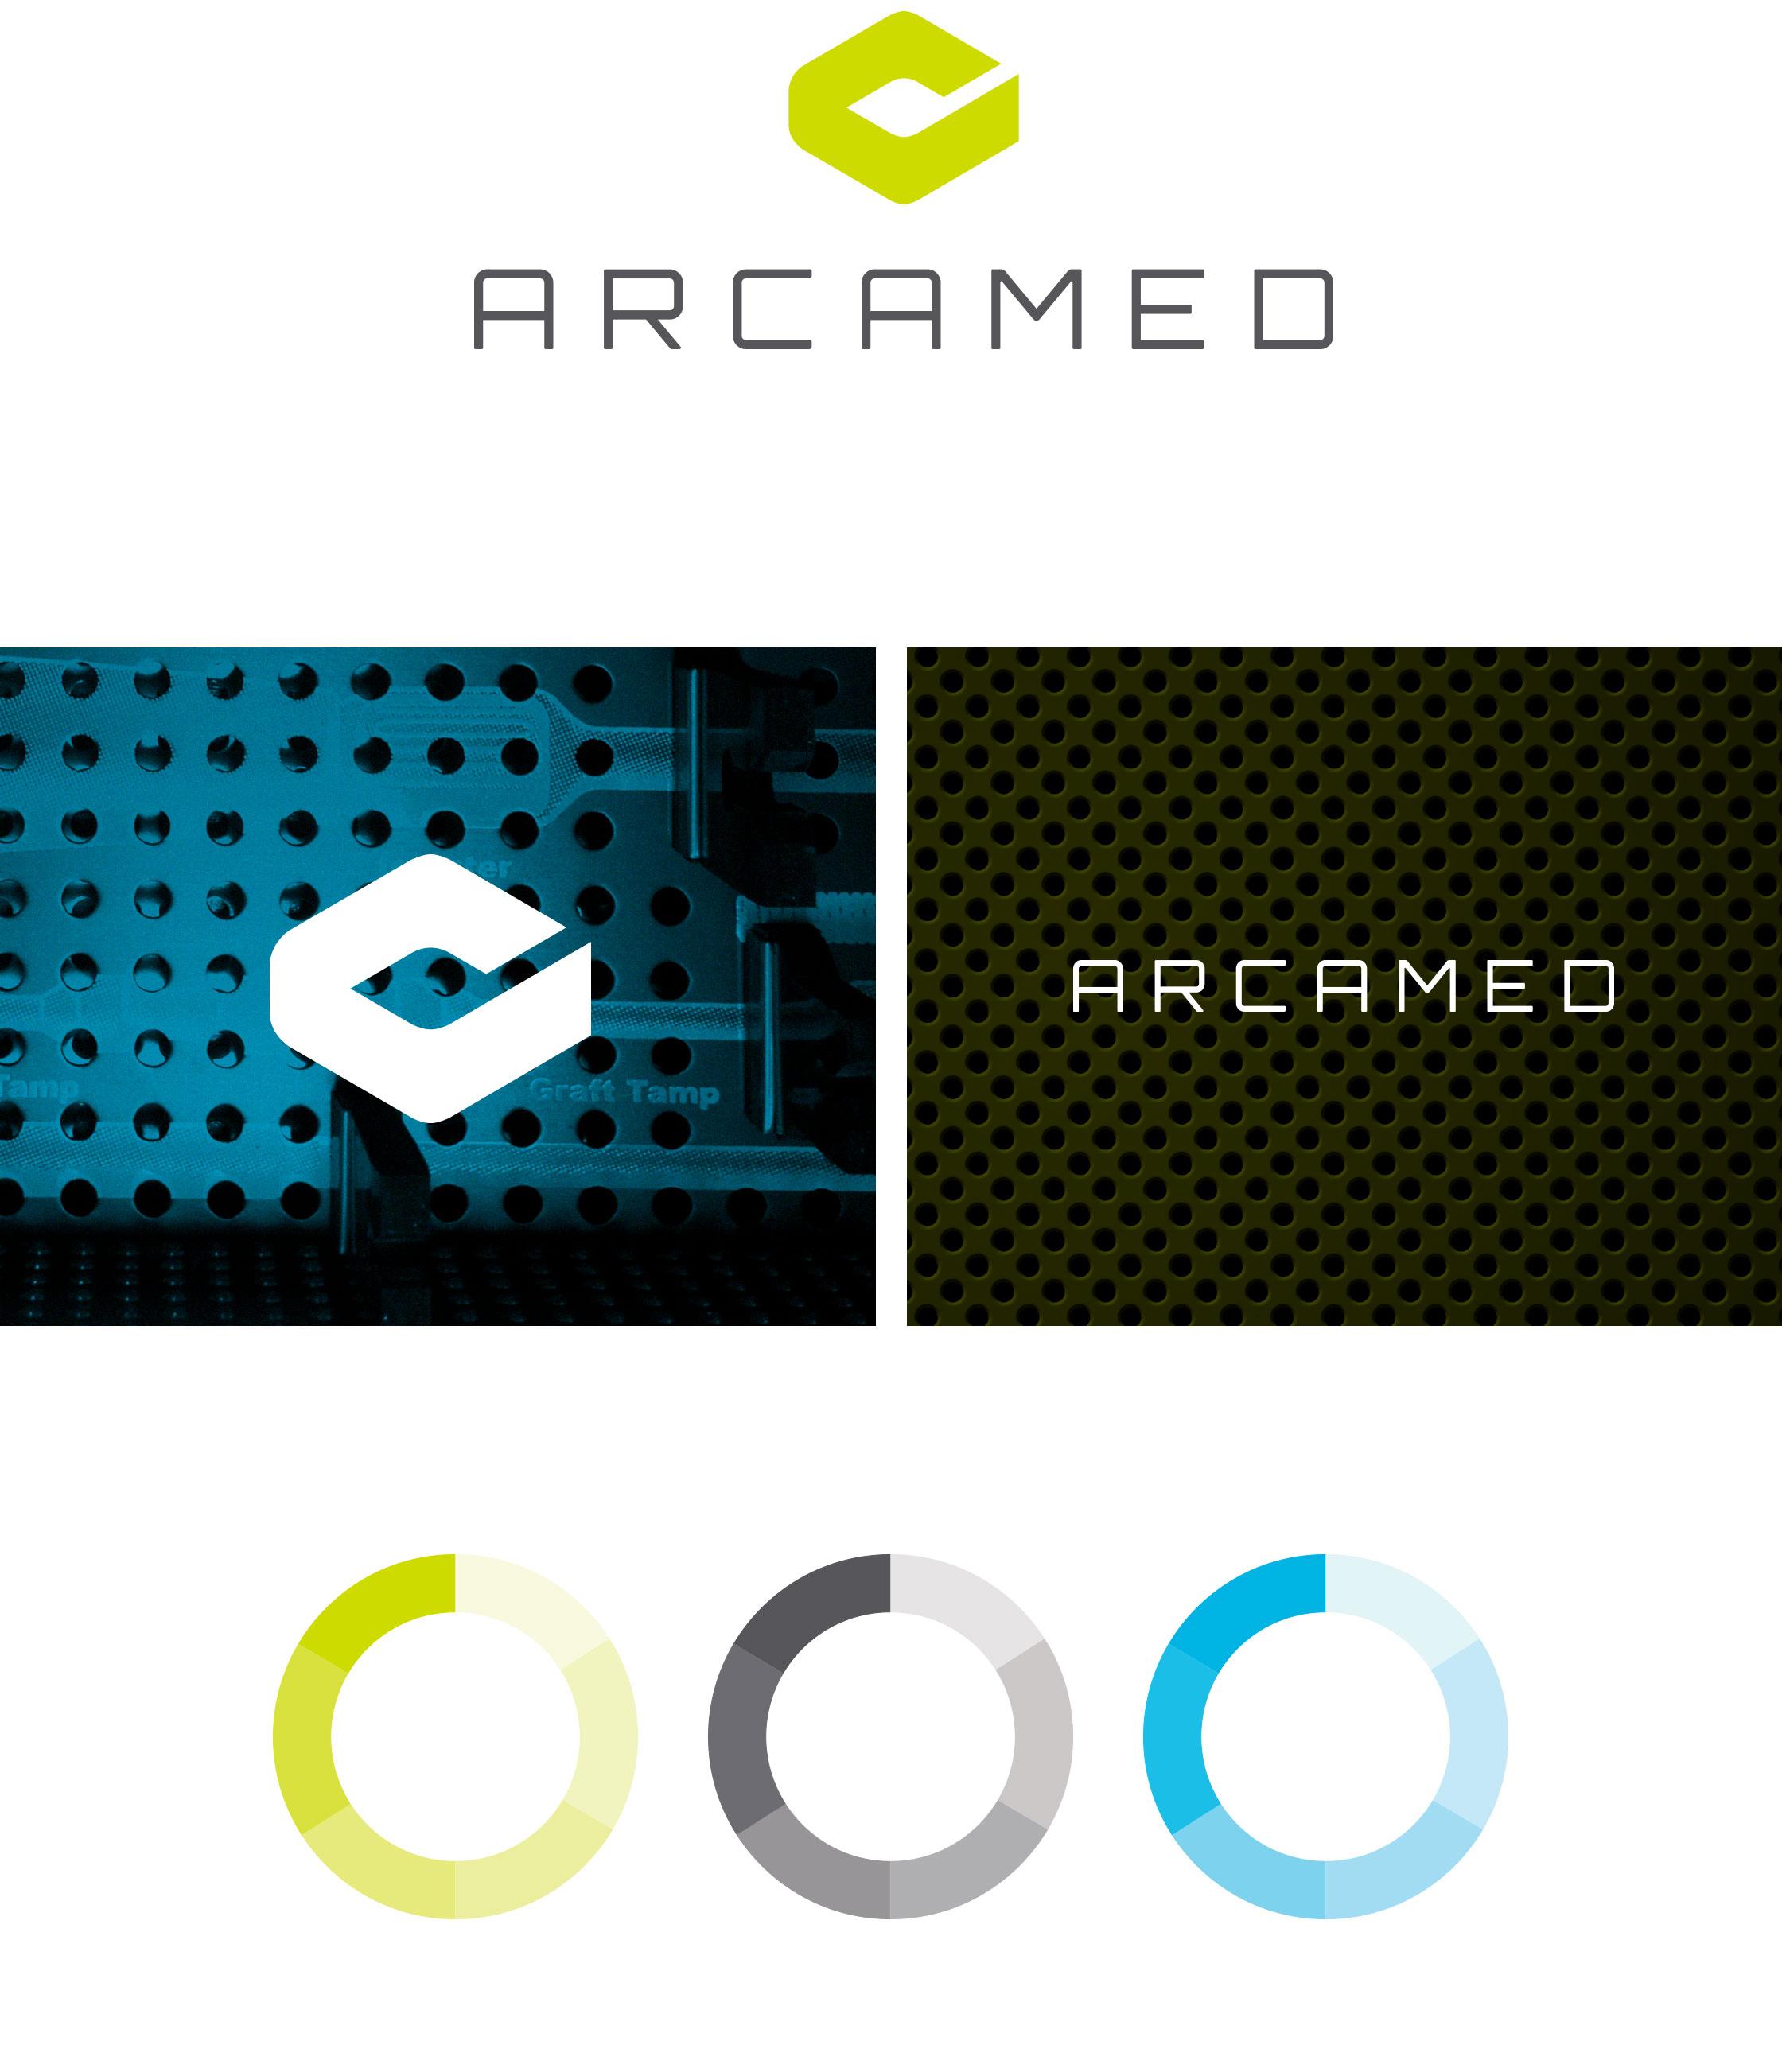 Arcamed_Branding